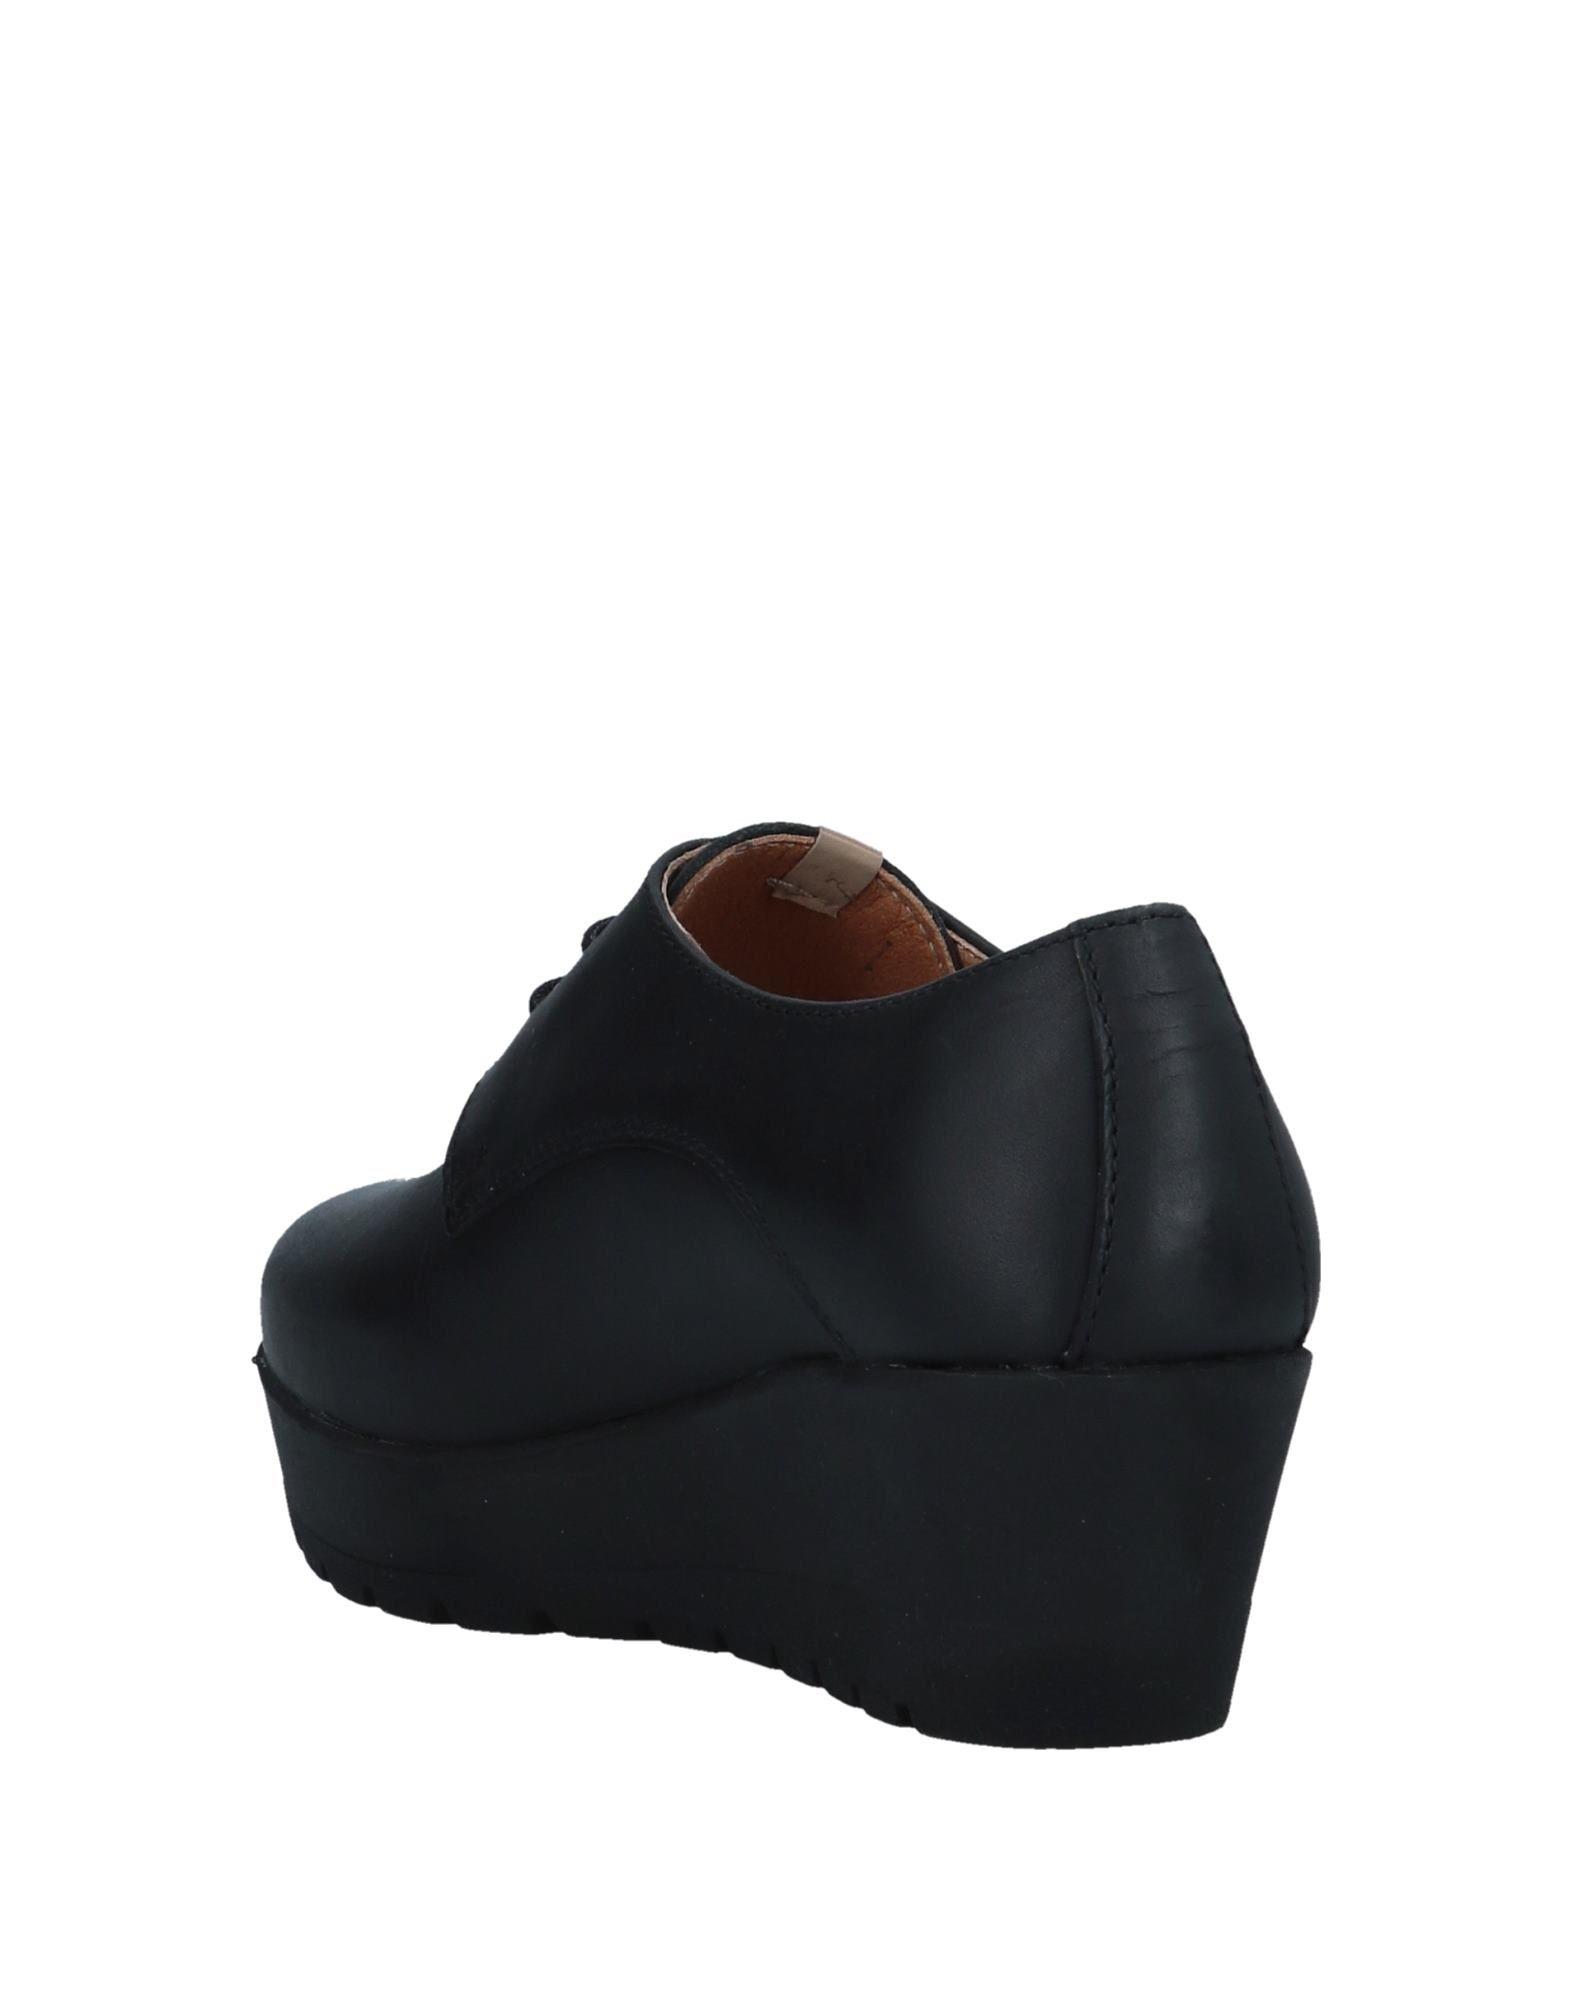 Maians Schnürschuhe Damen  11551917AG Gute Qualität beliebte Schuhe